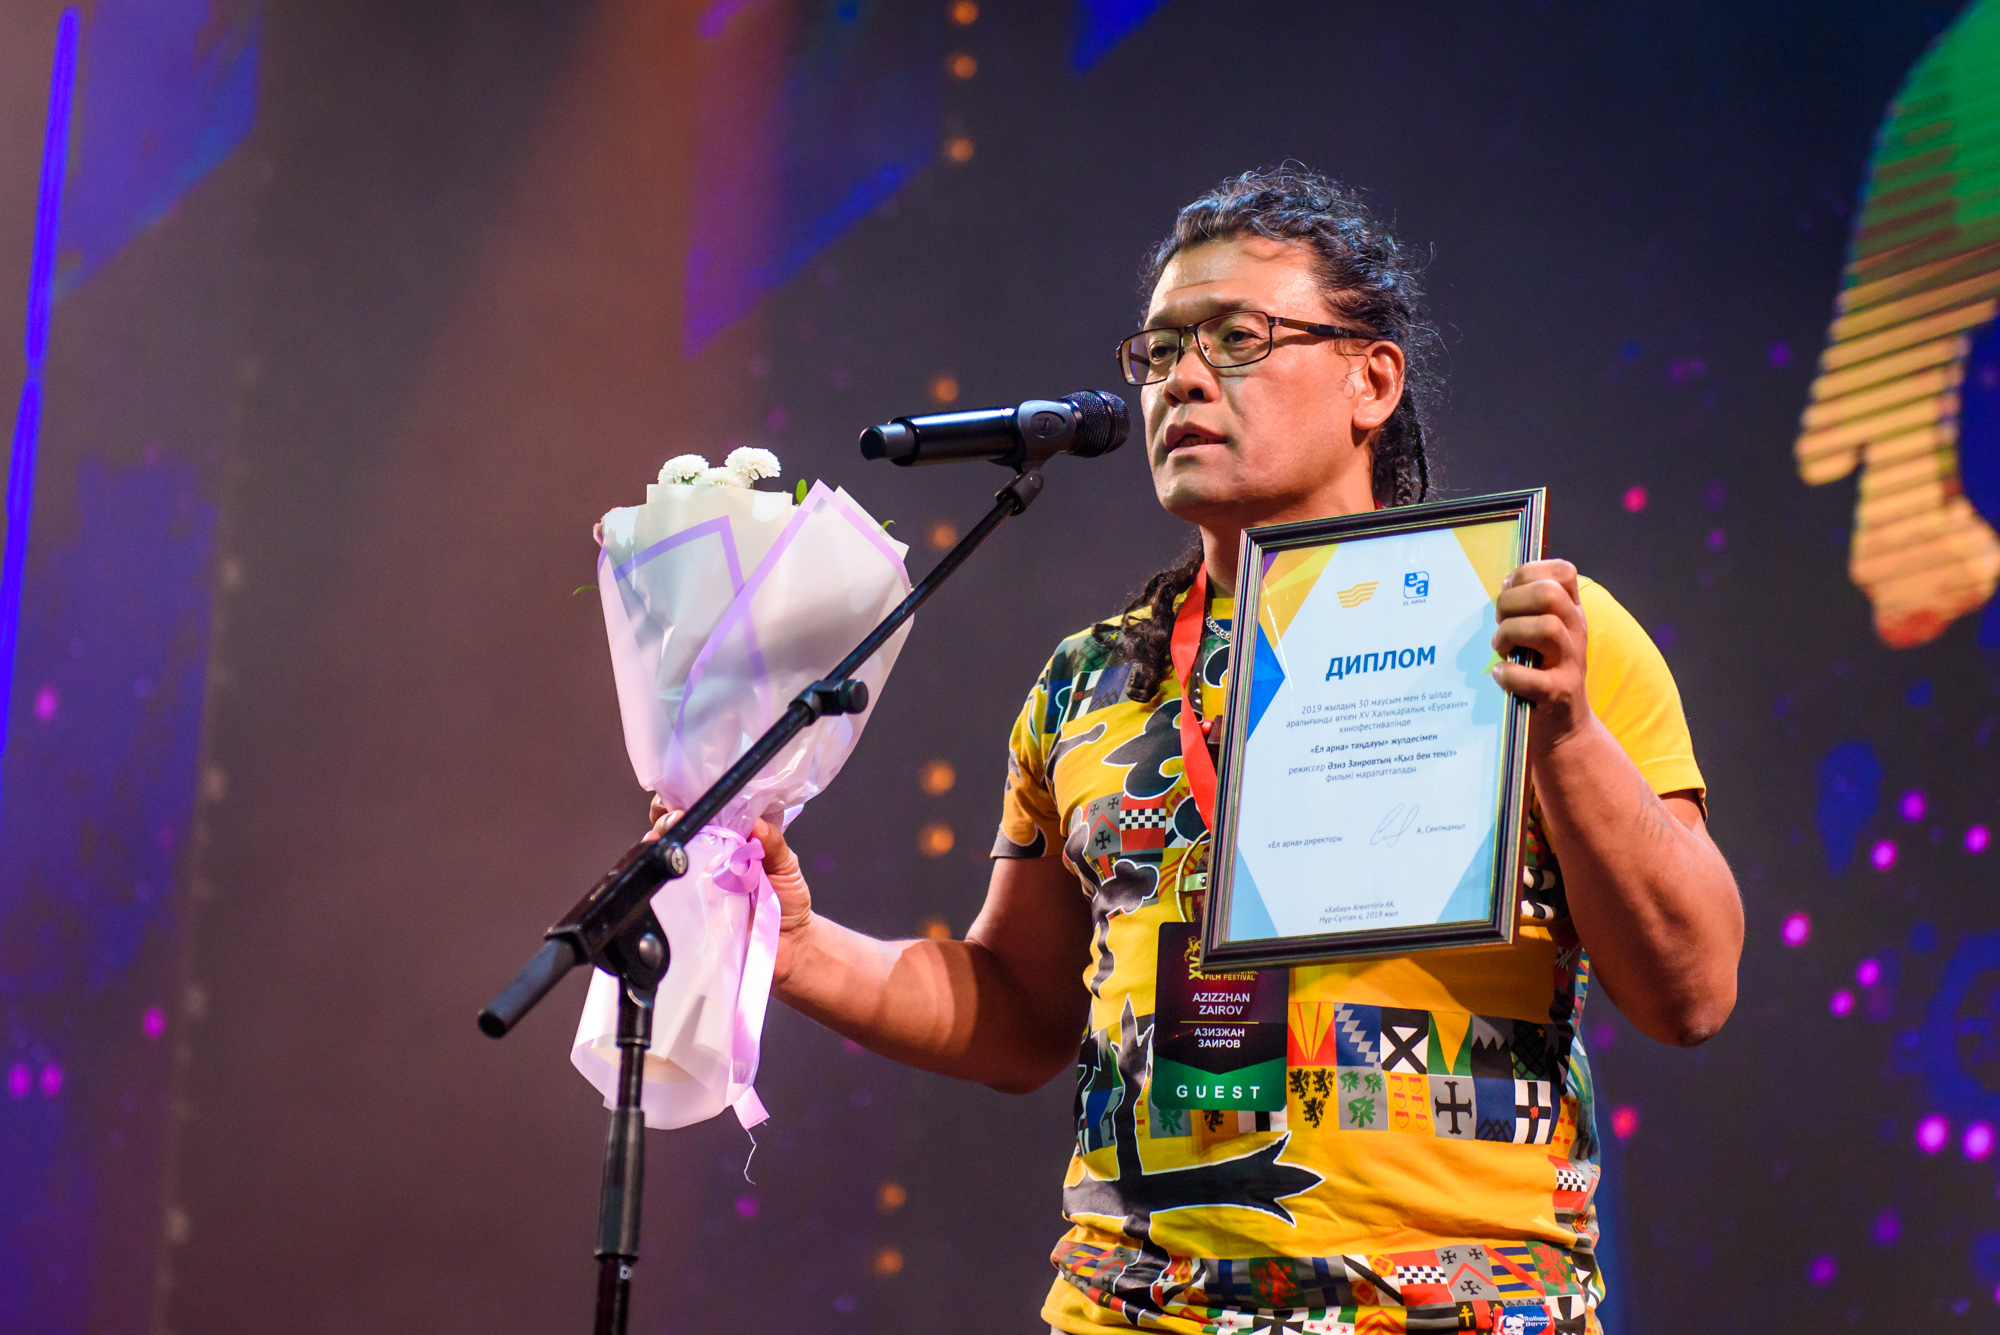 Kazakhstan's film awarded Eurasia Film Festival Grand Prix